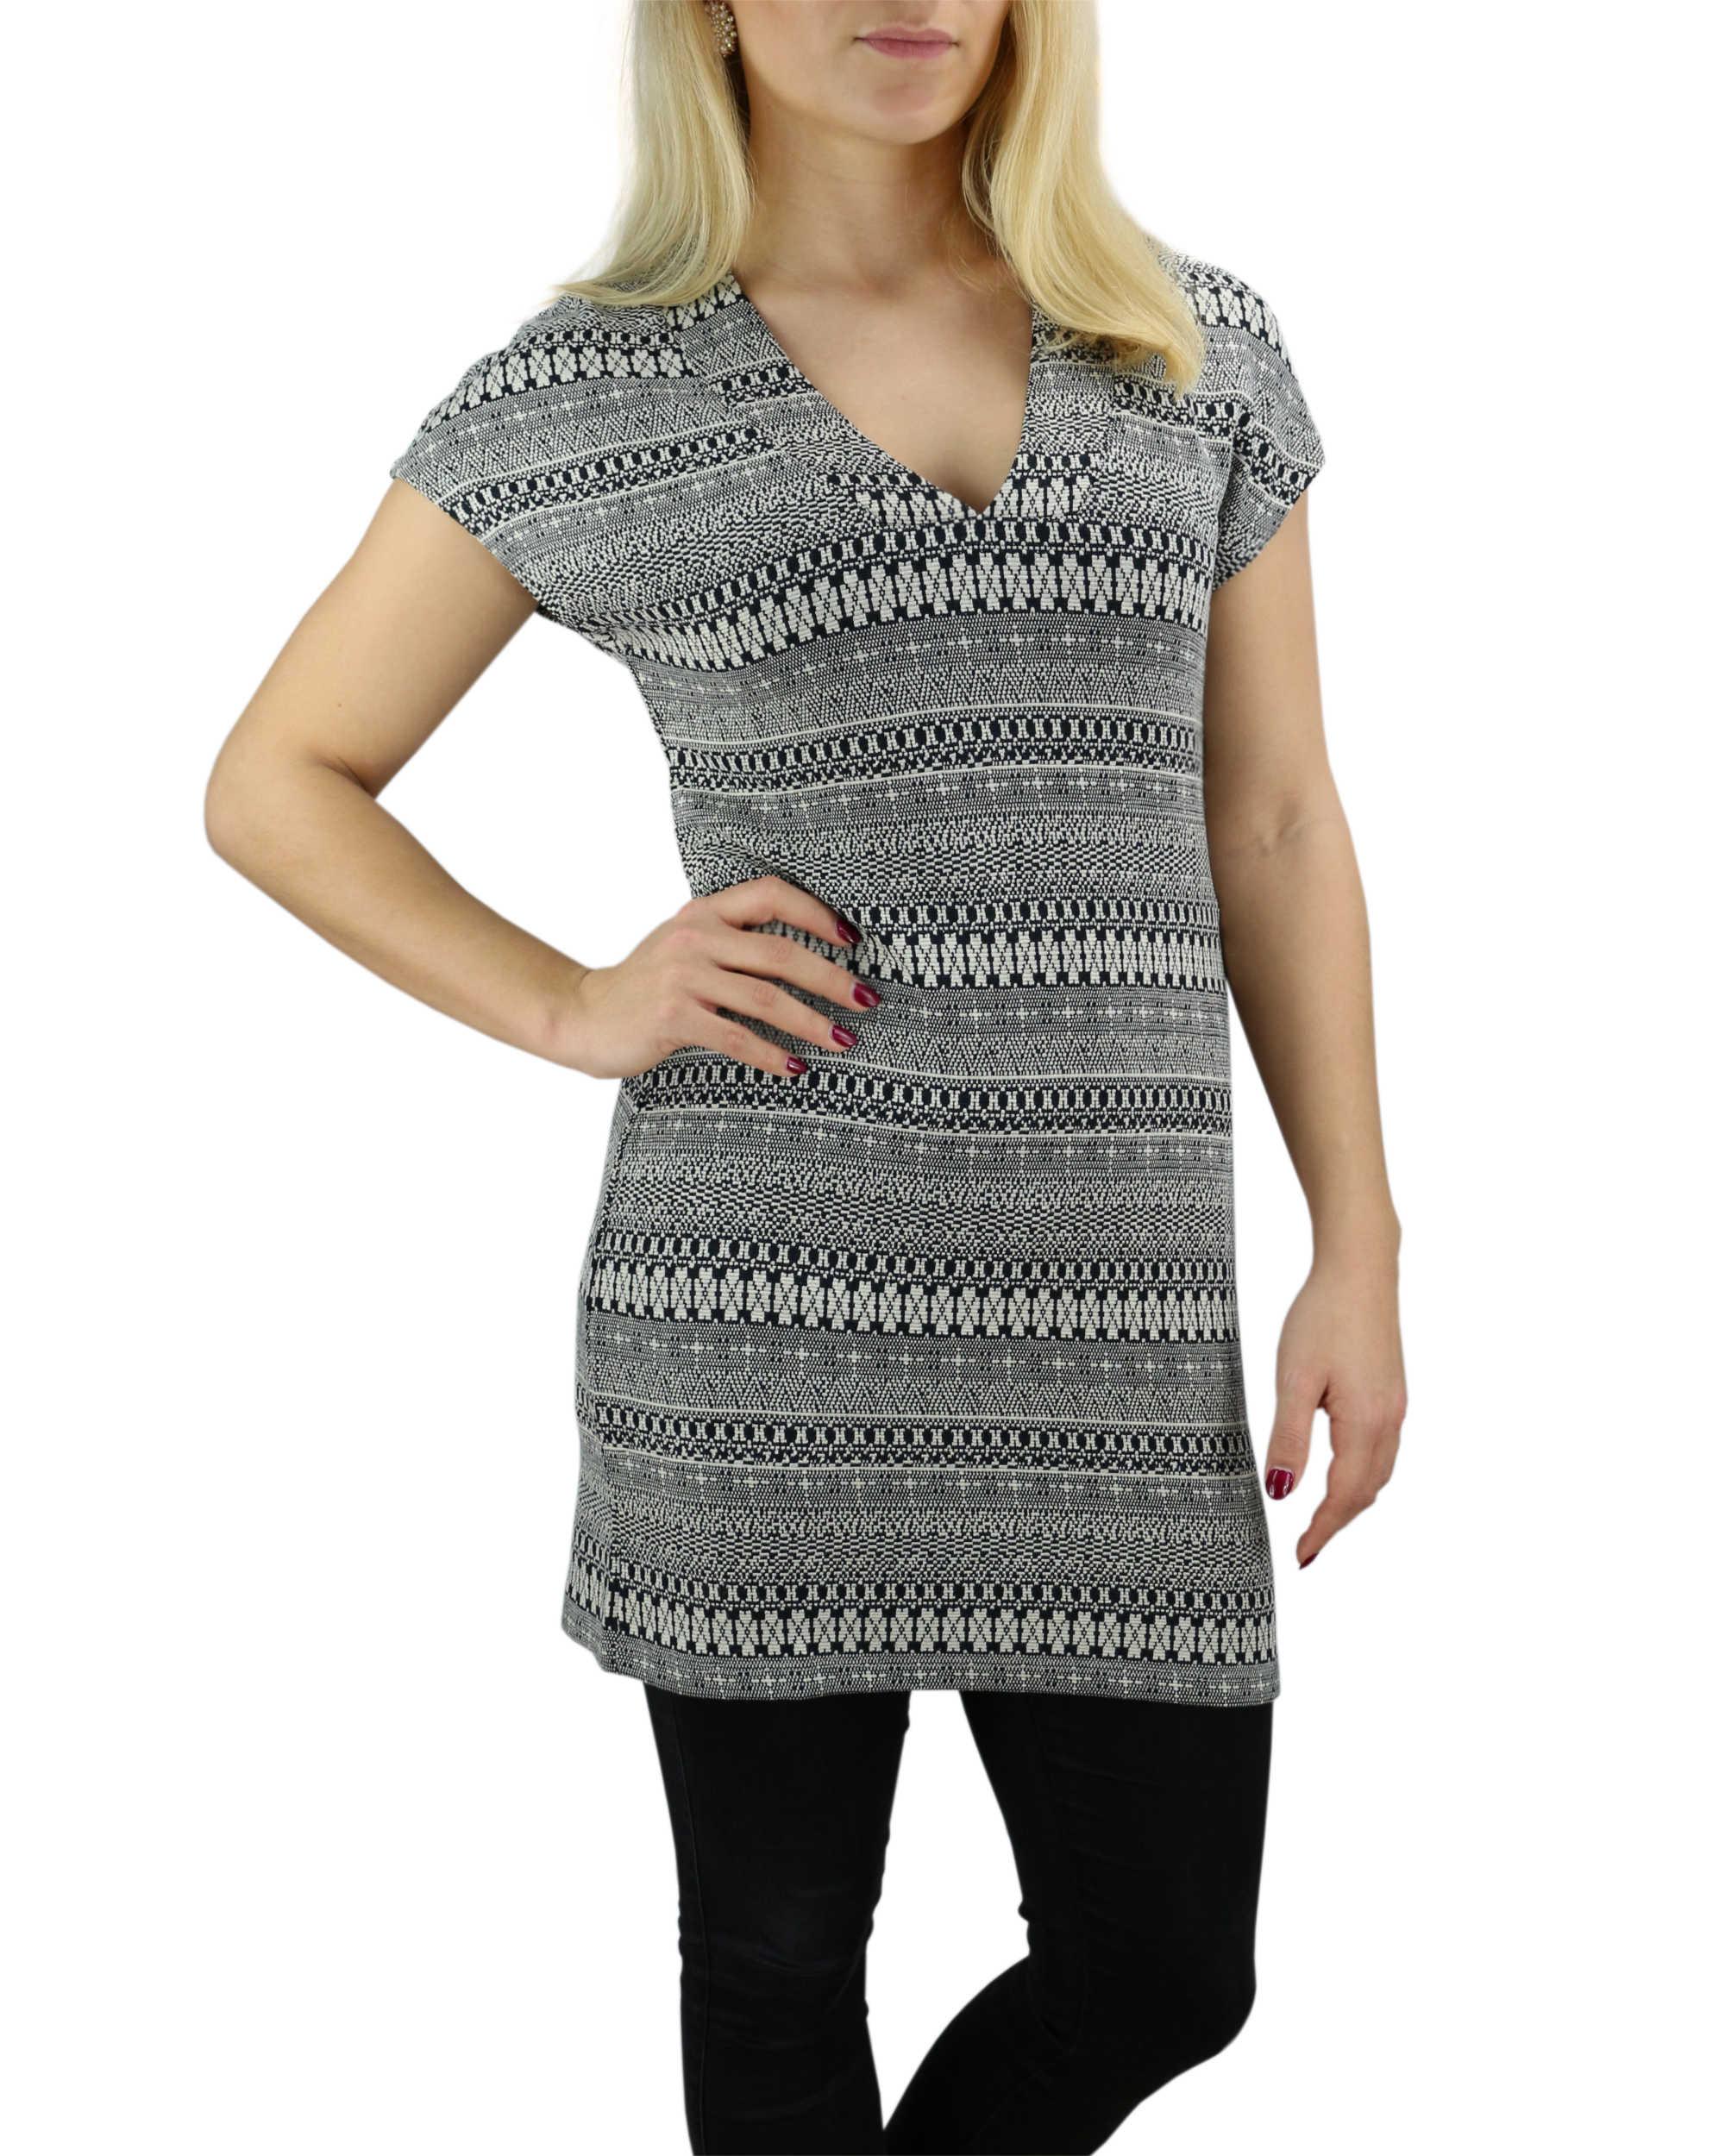 khujo damen kleid adelina jerseykleid sommerkleid schwarz grau ethno muster - Kleid Ethno Muster